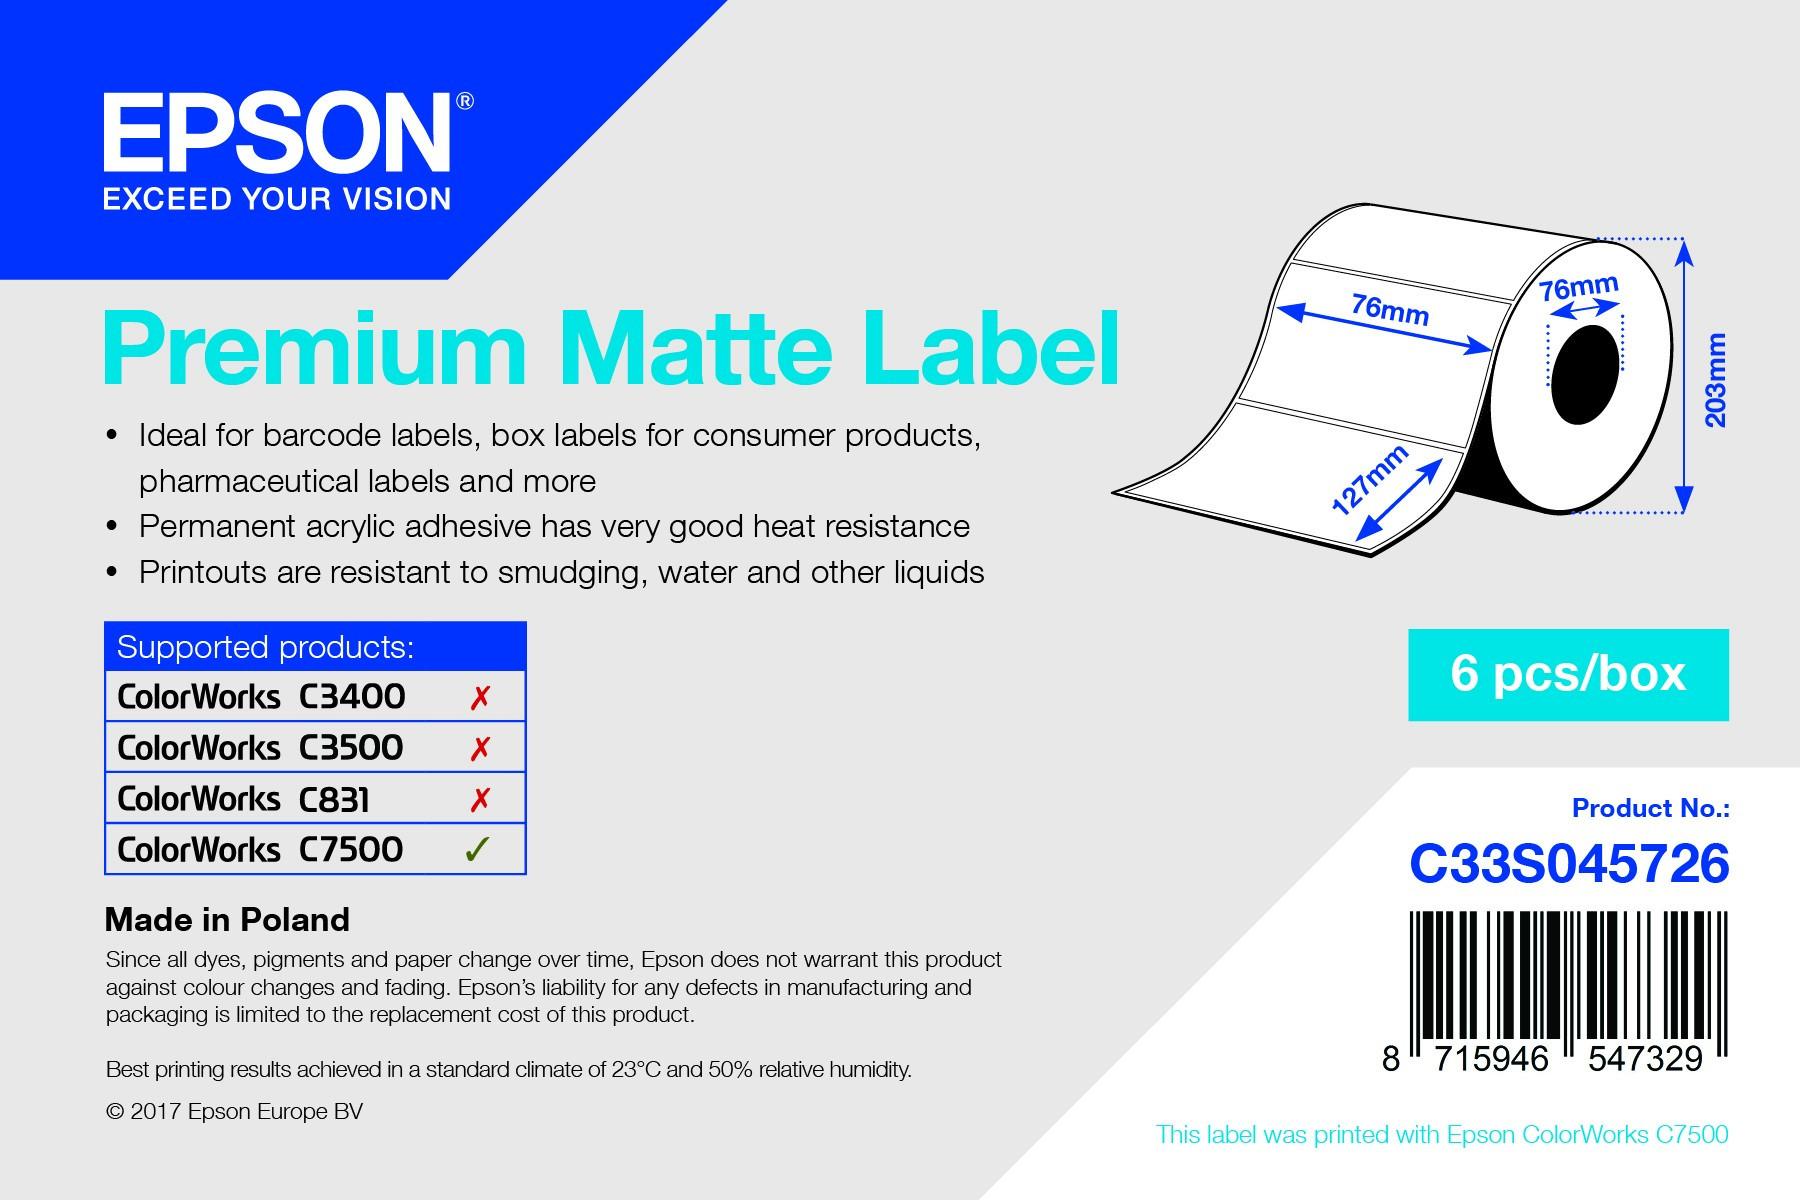 Epson 76mm x 127mm, 960 magasfényű címke